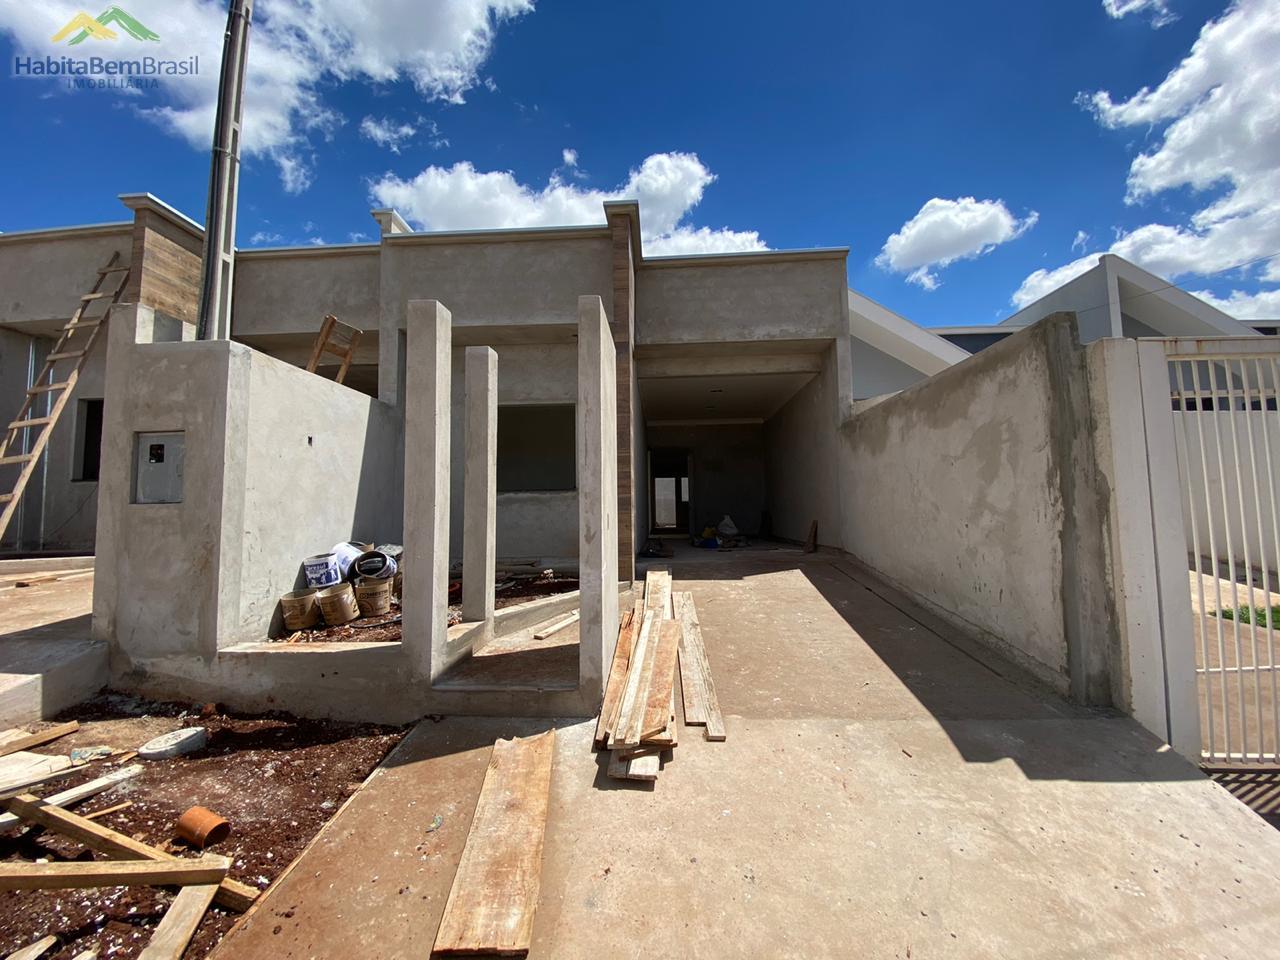 Casa com 3 dormitórios à venda, JARDIM CONCORDIA, TOLEDO - PR